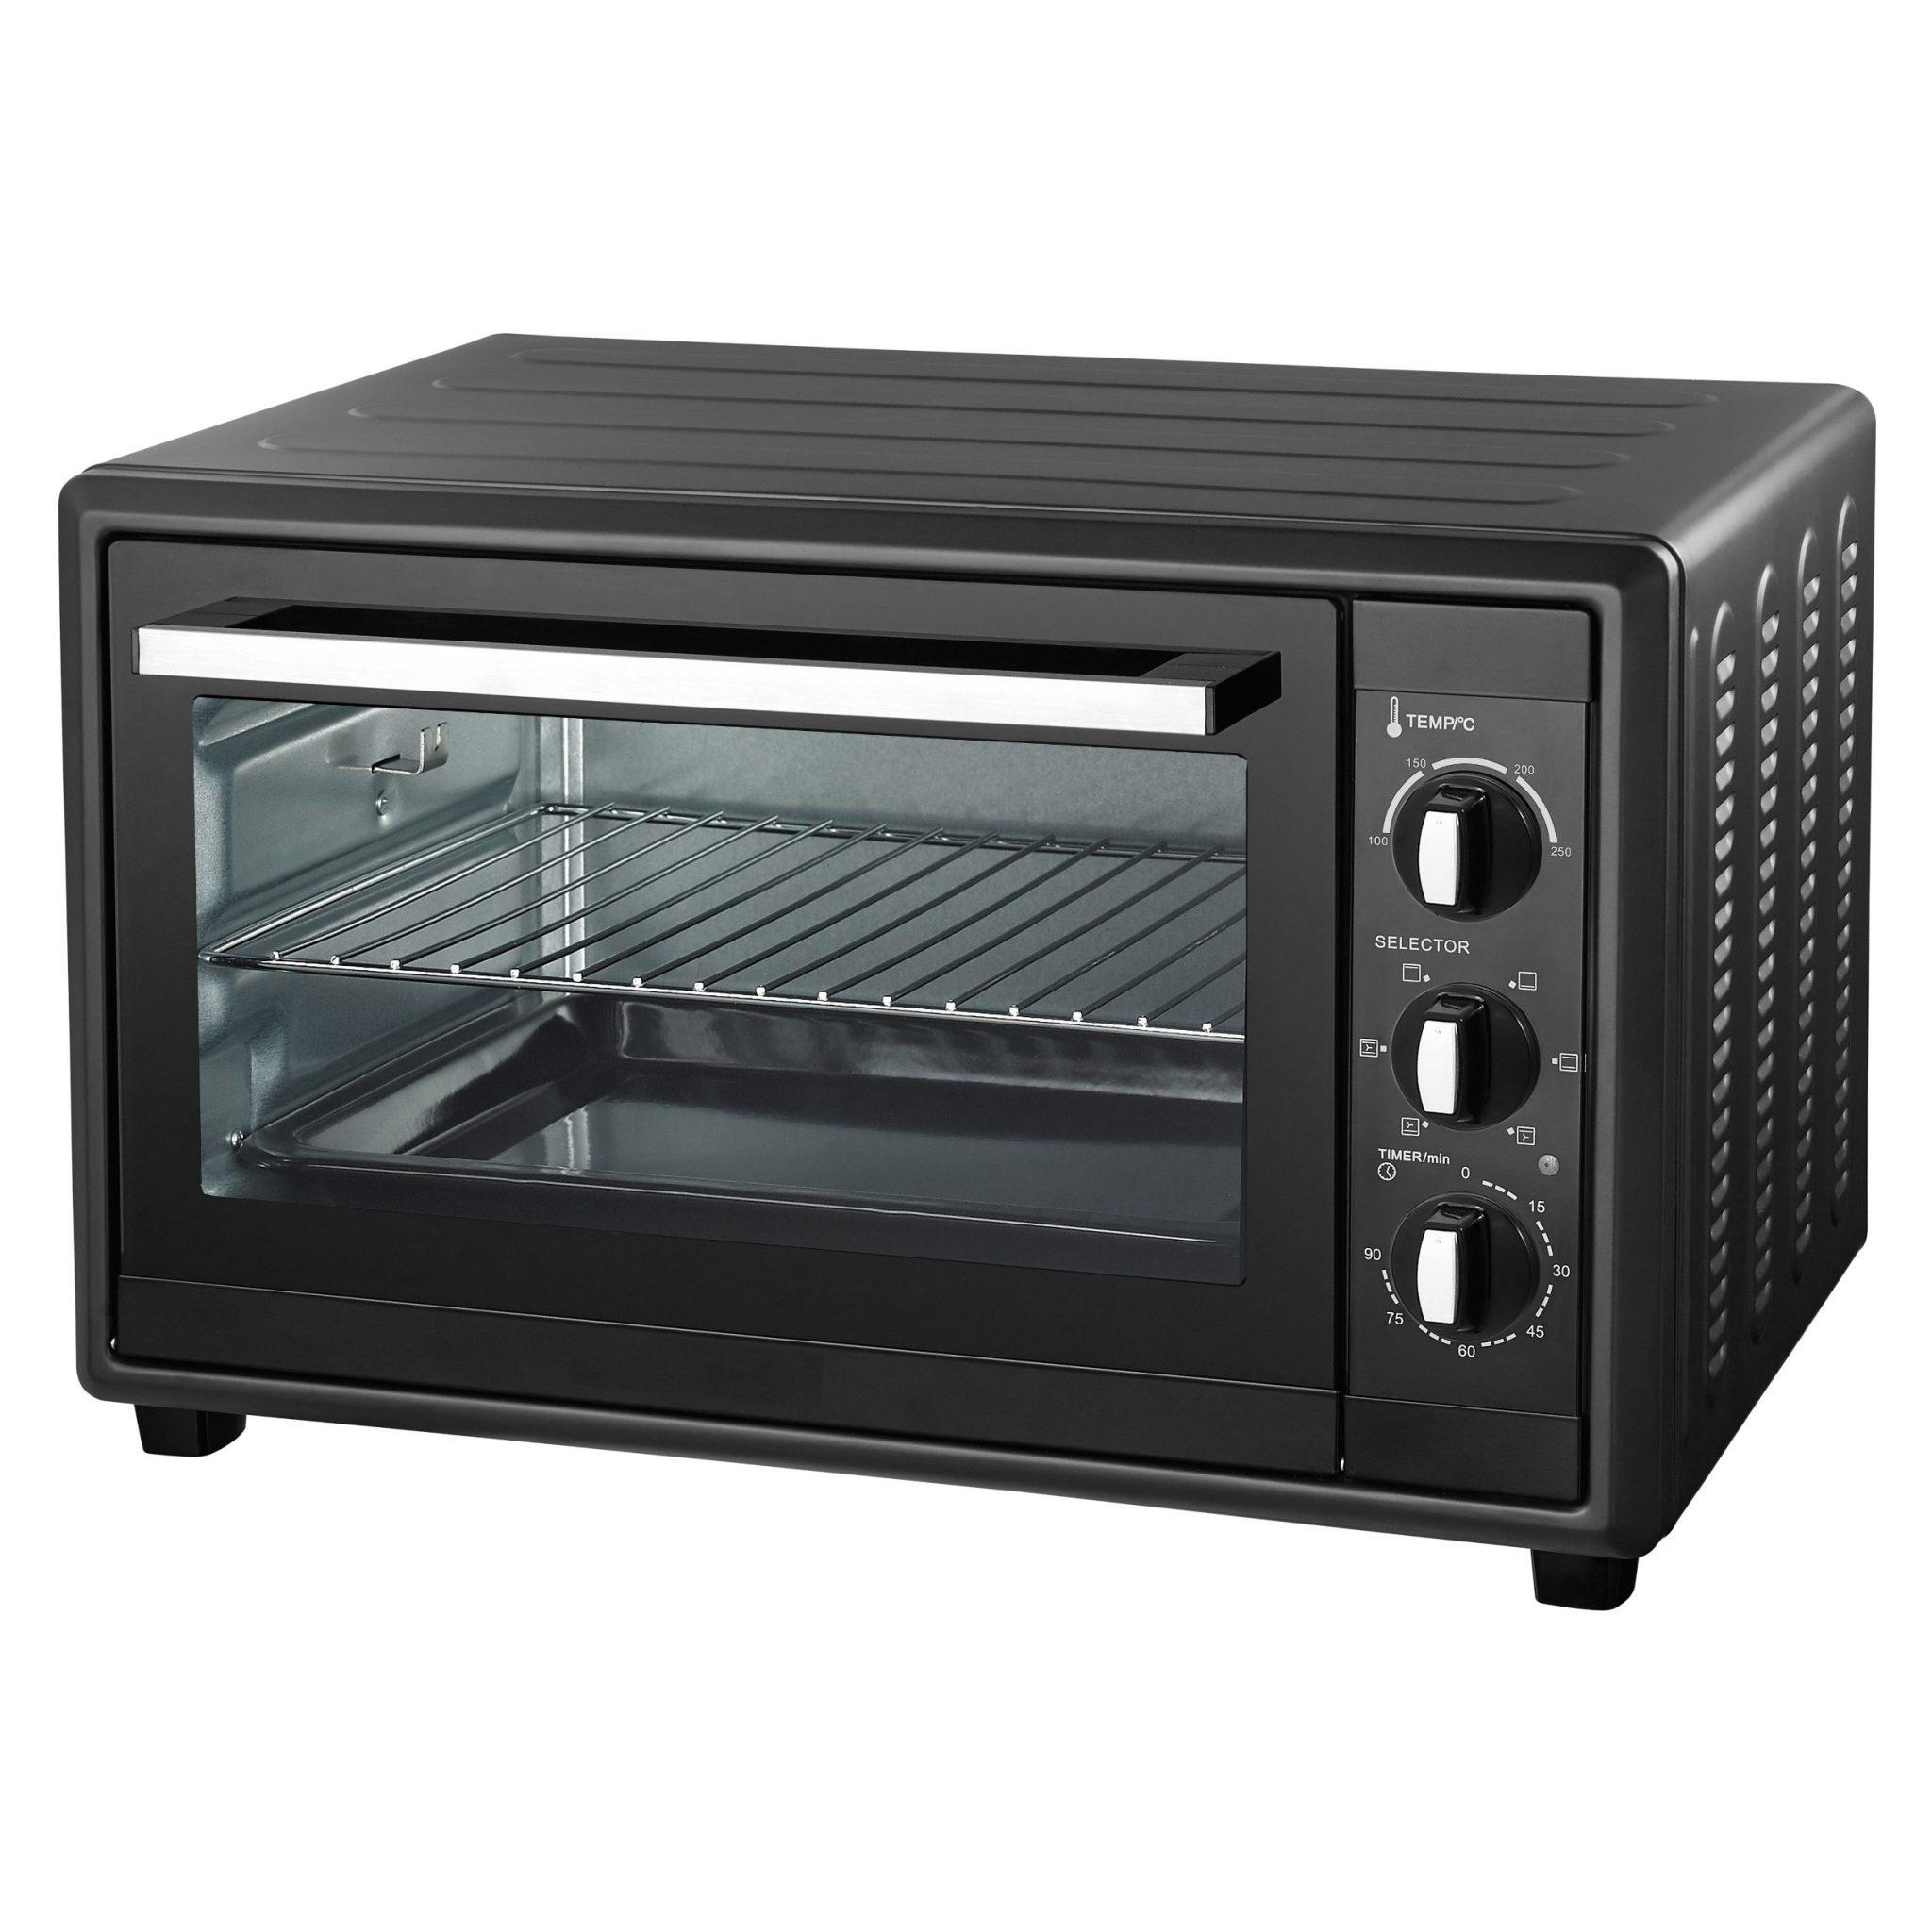 Ar6220b forno elettrico ventilato gustavo 20 l nero ardes for Fornello elettrico ikea